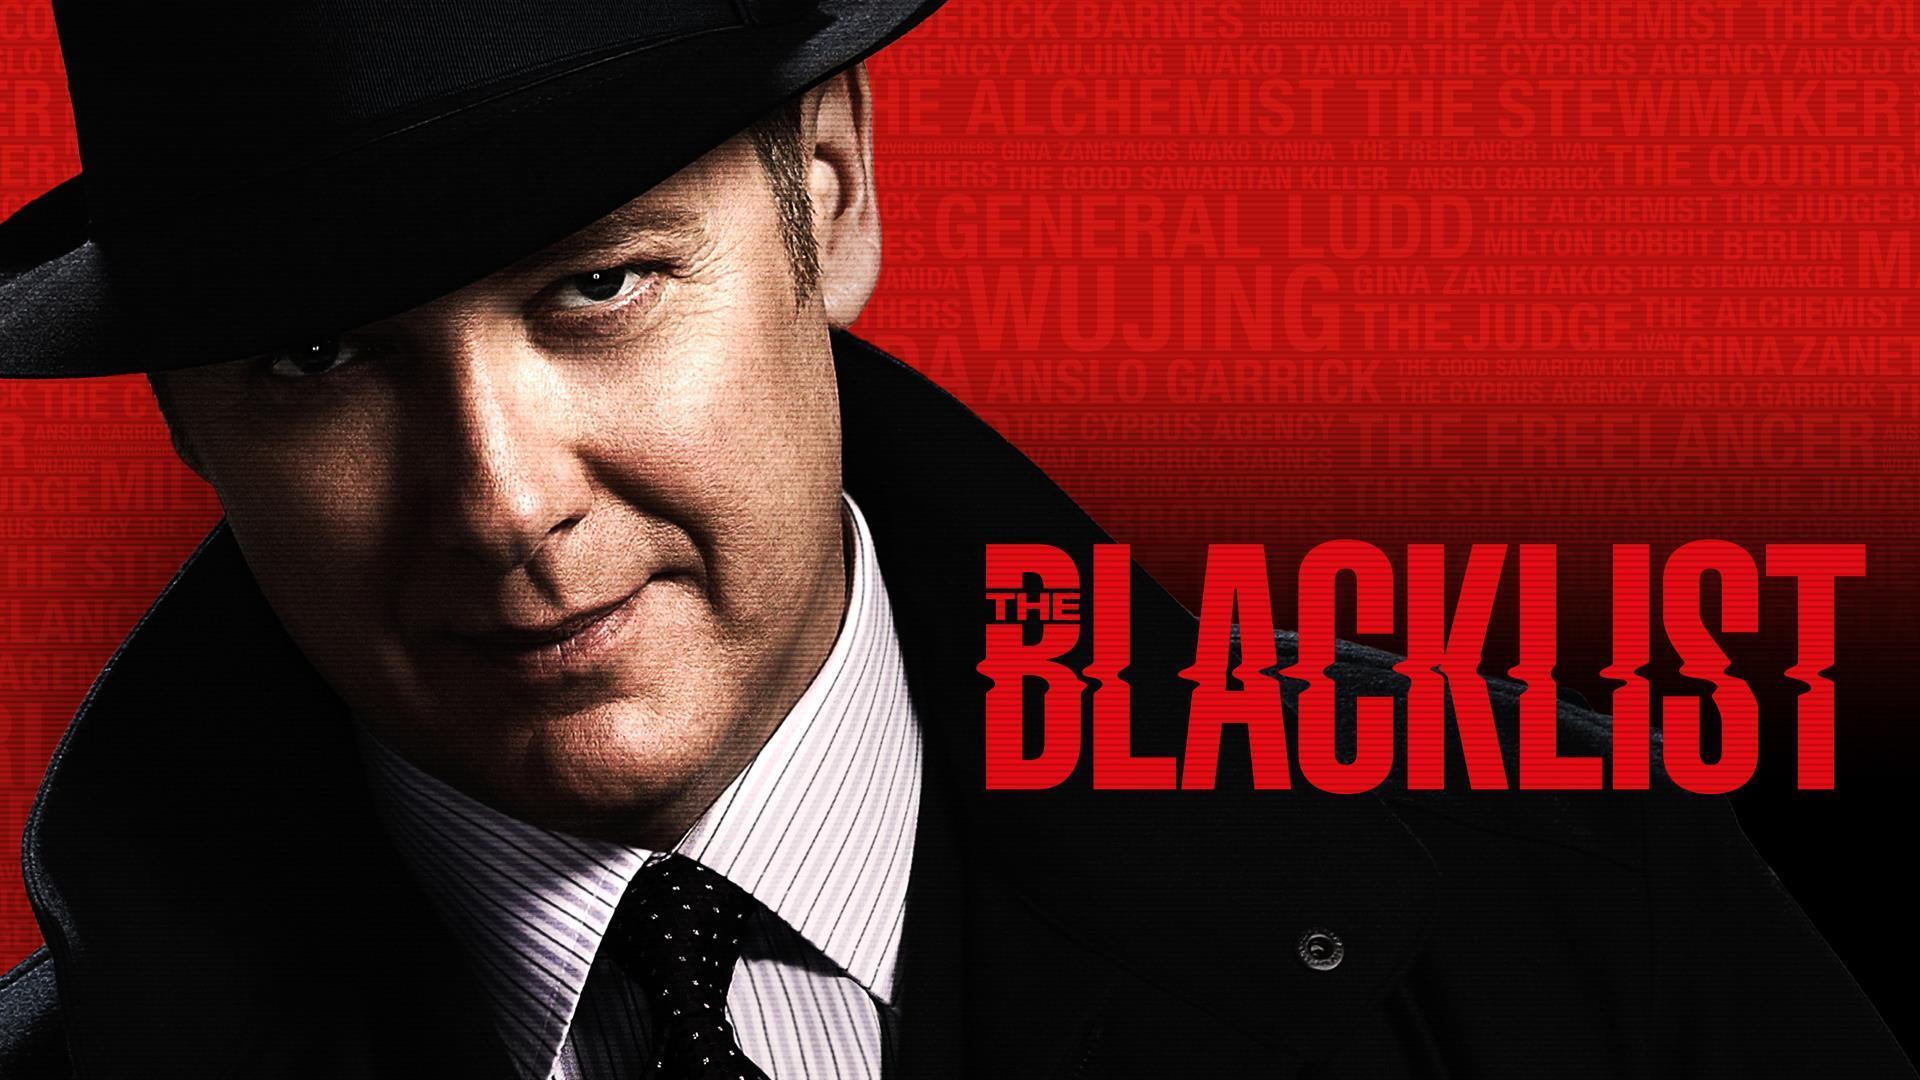 blacklist_HD-picture